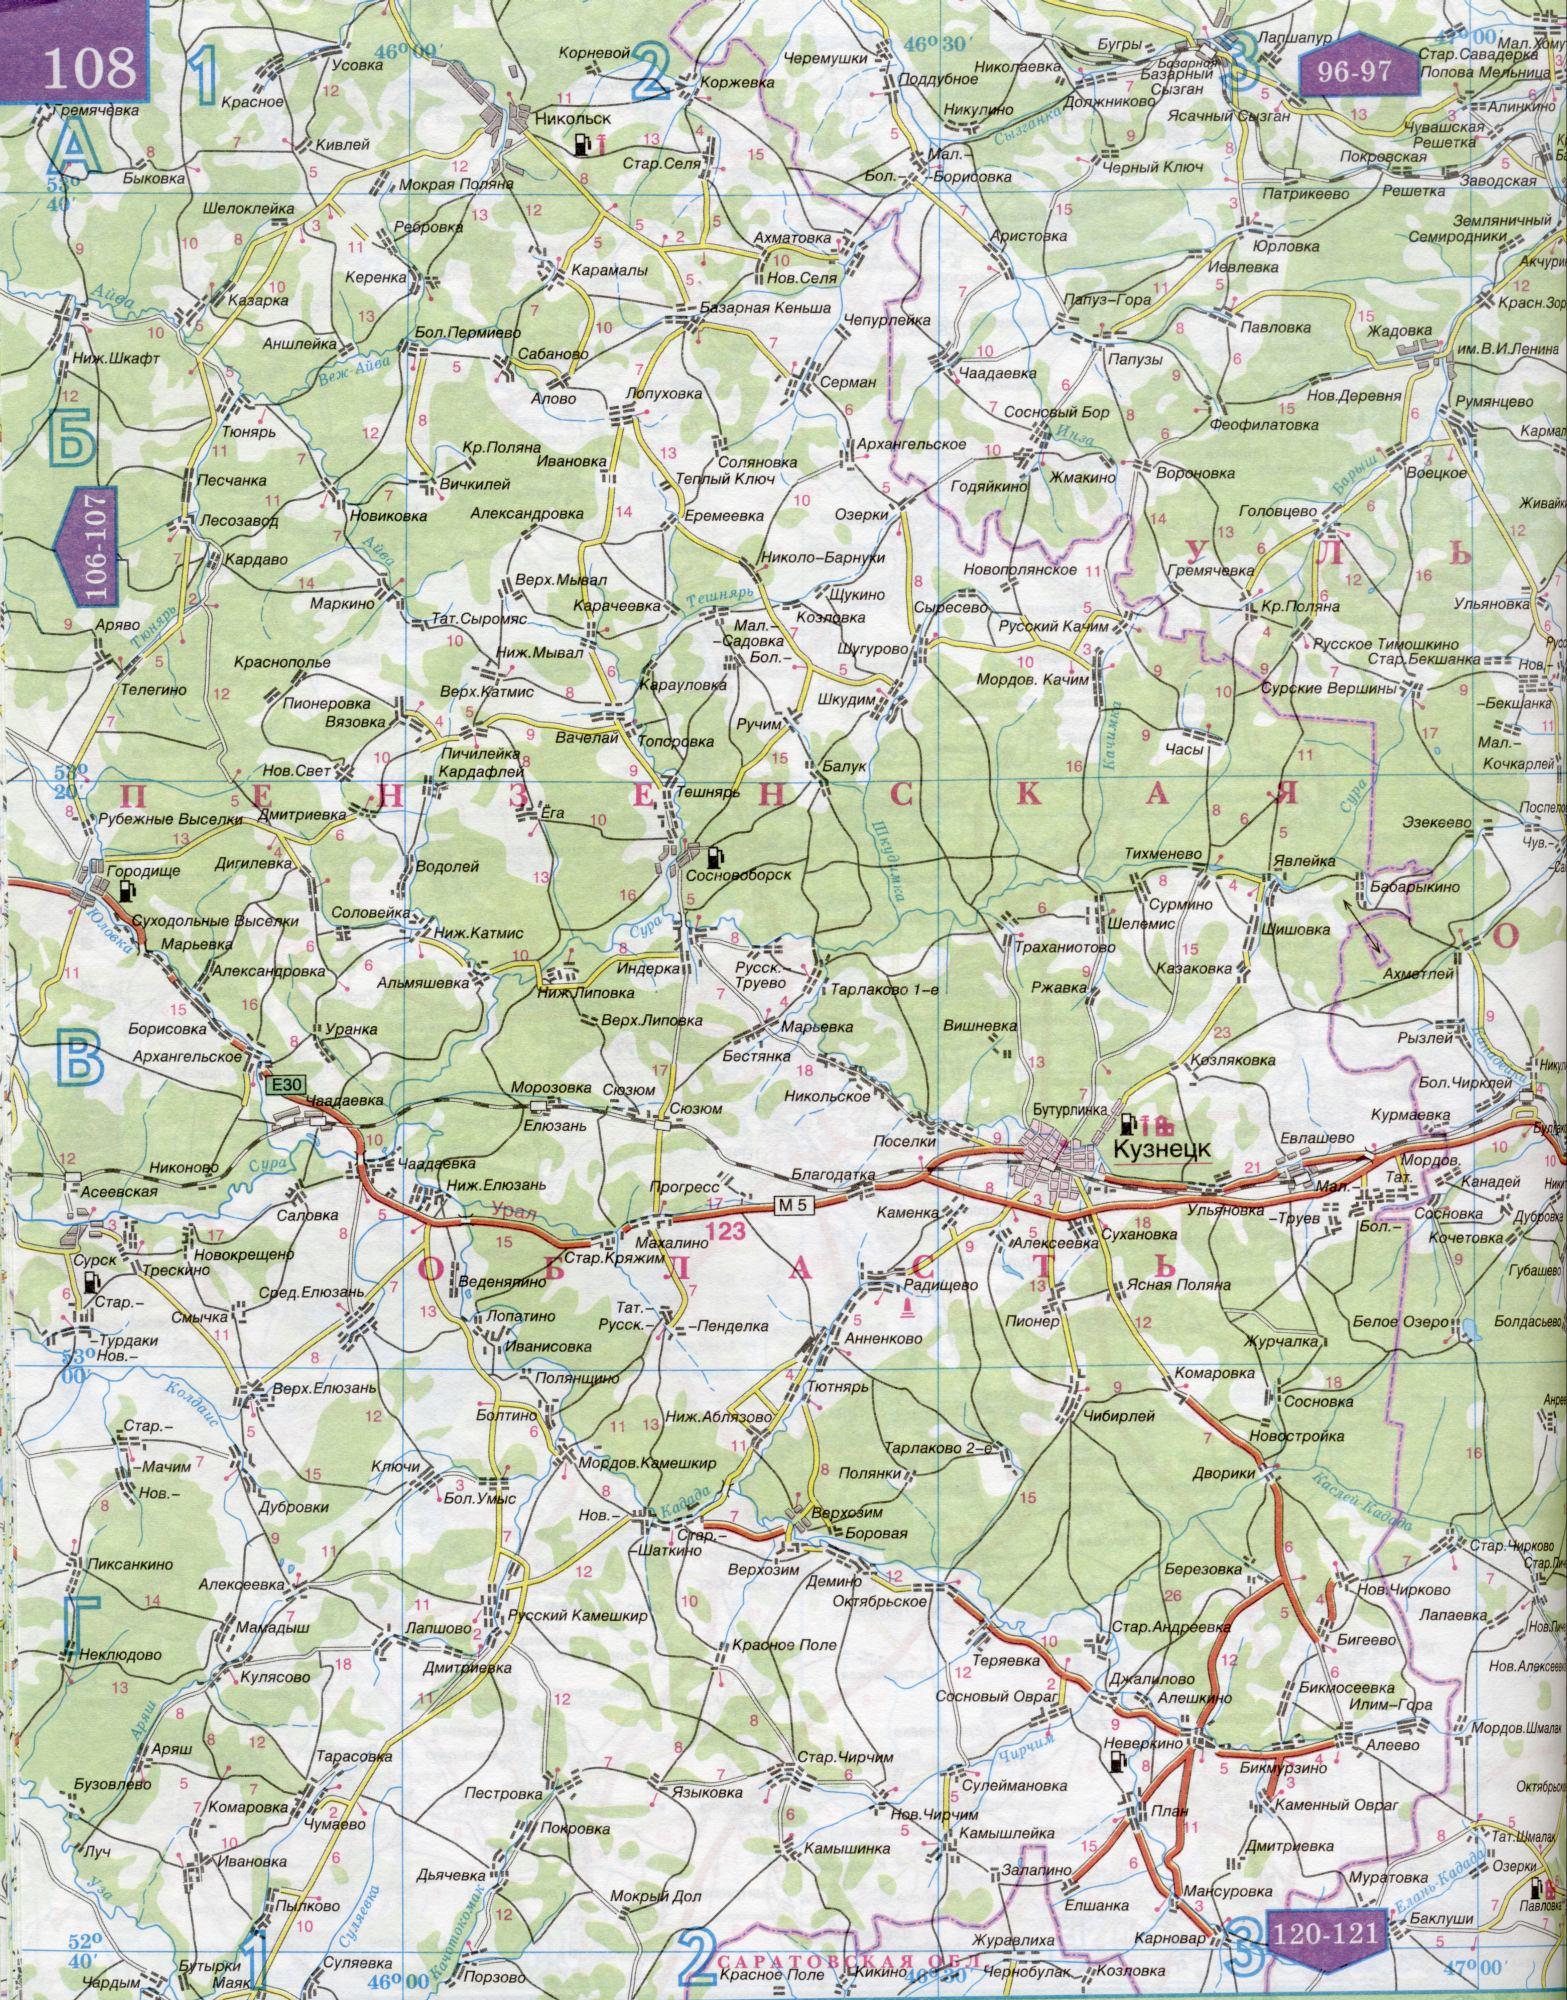 Карты Юга России